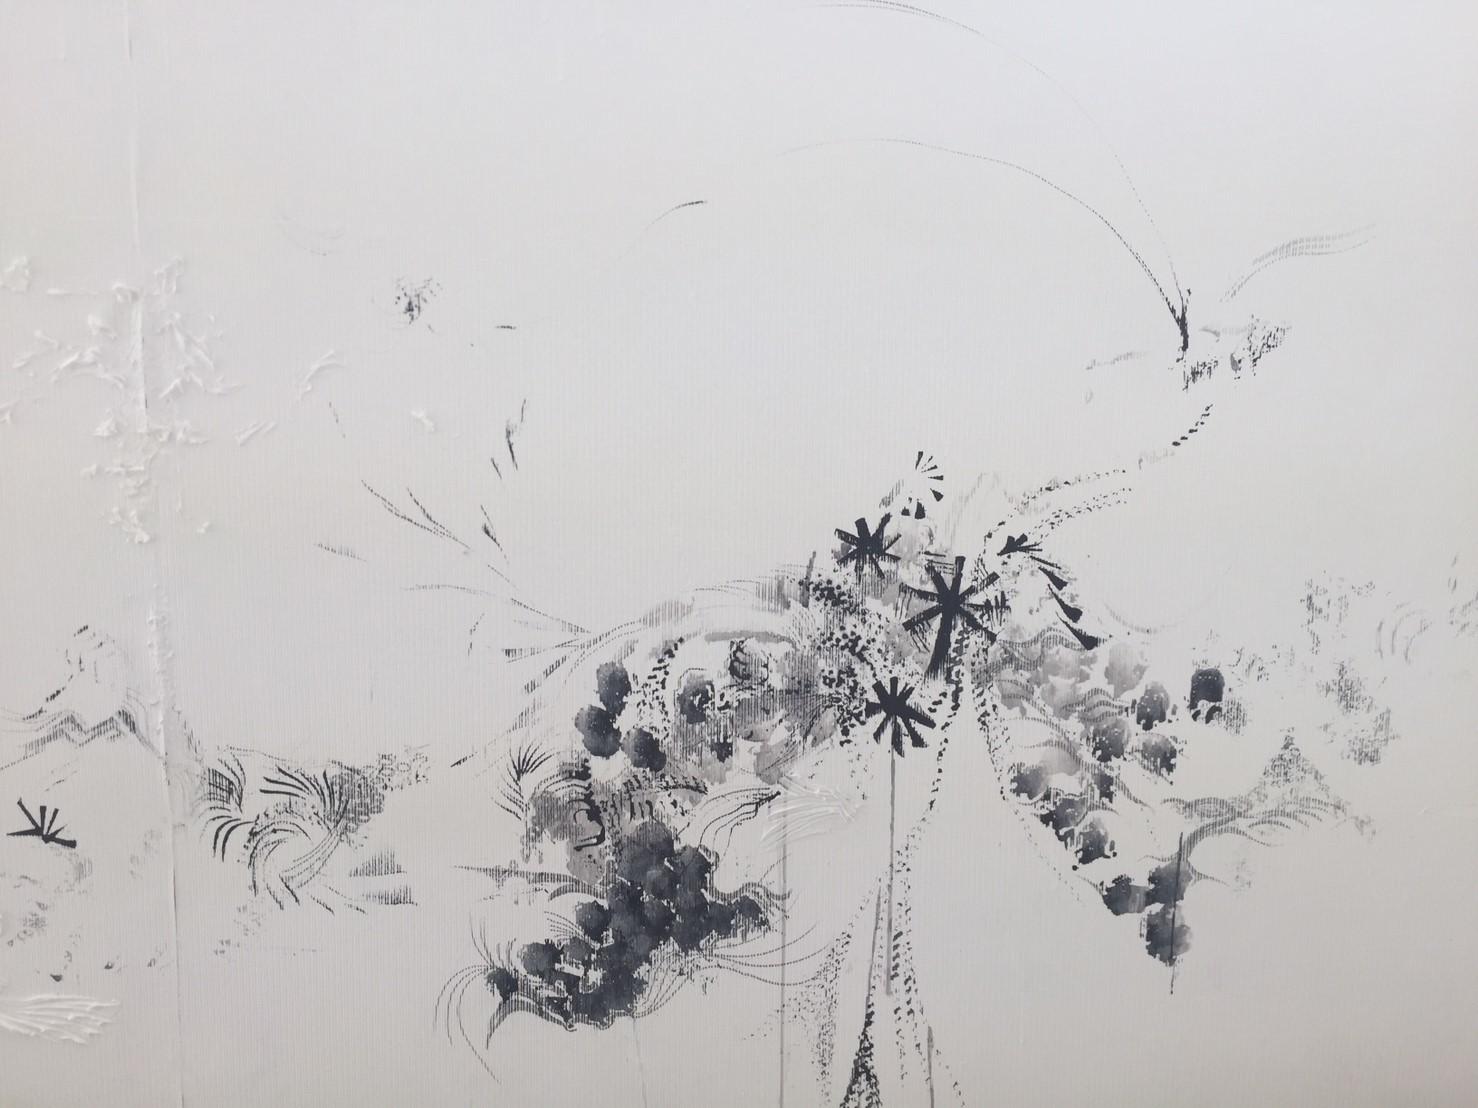 岩美現代美術展 2019_e0115904_01494826.jpg